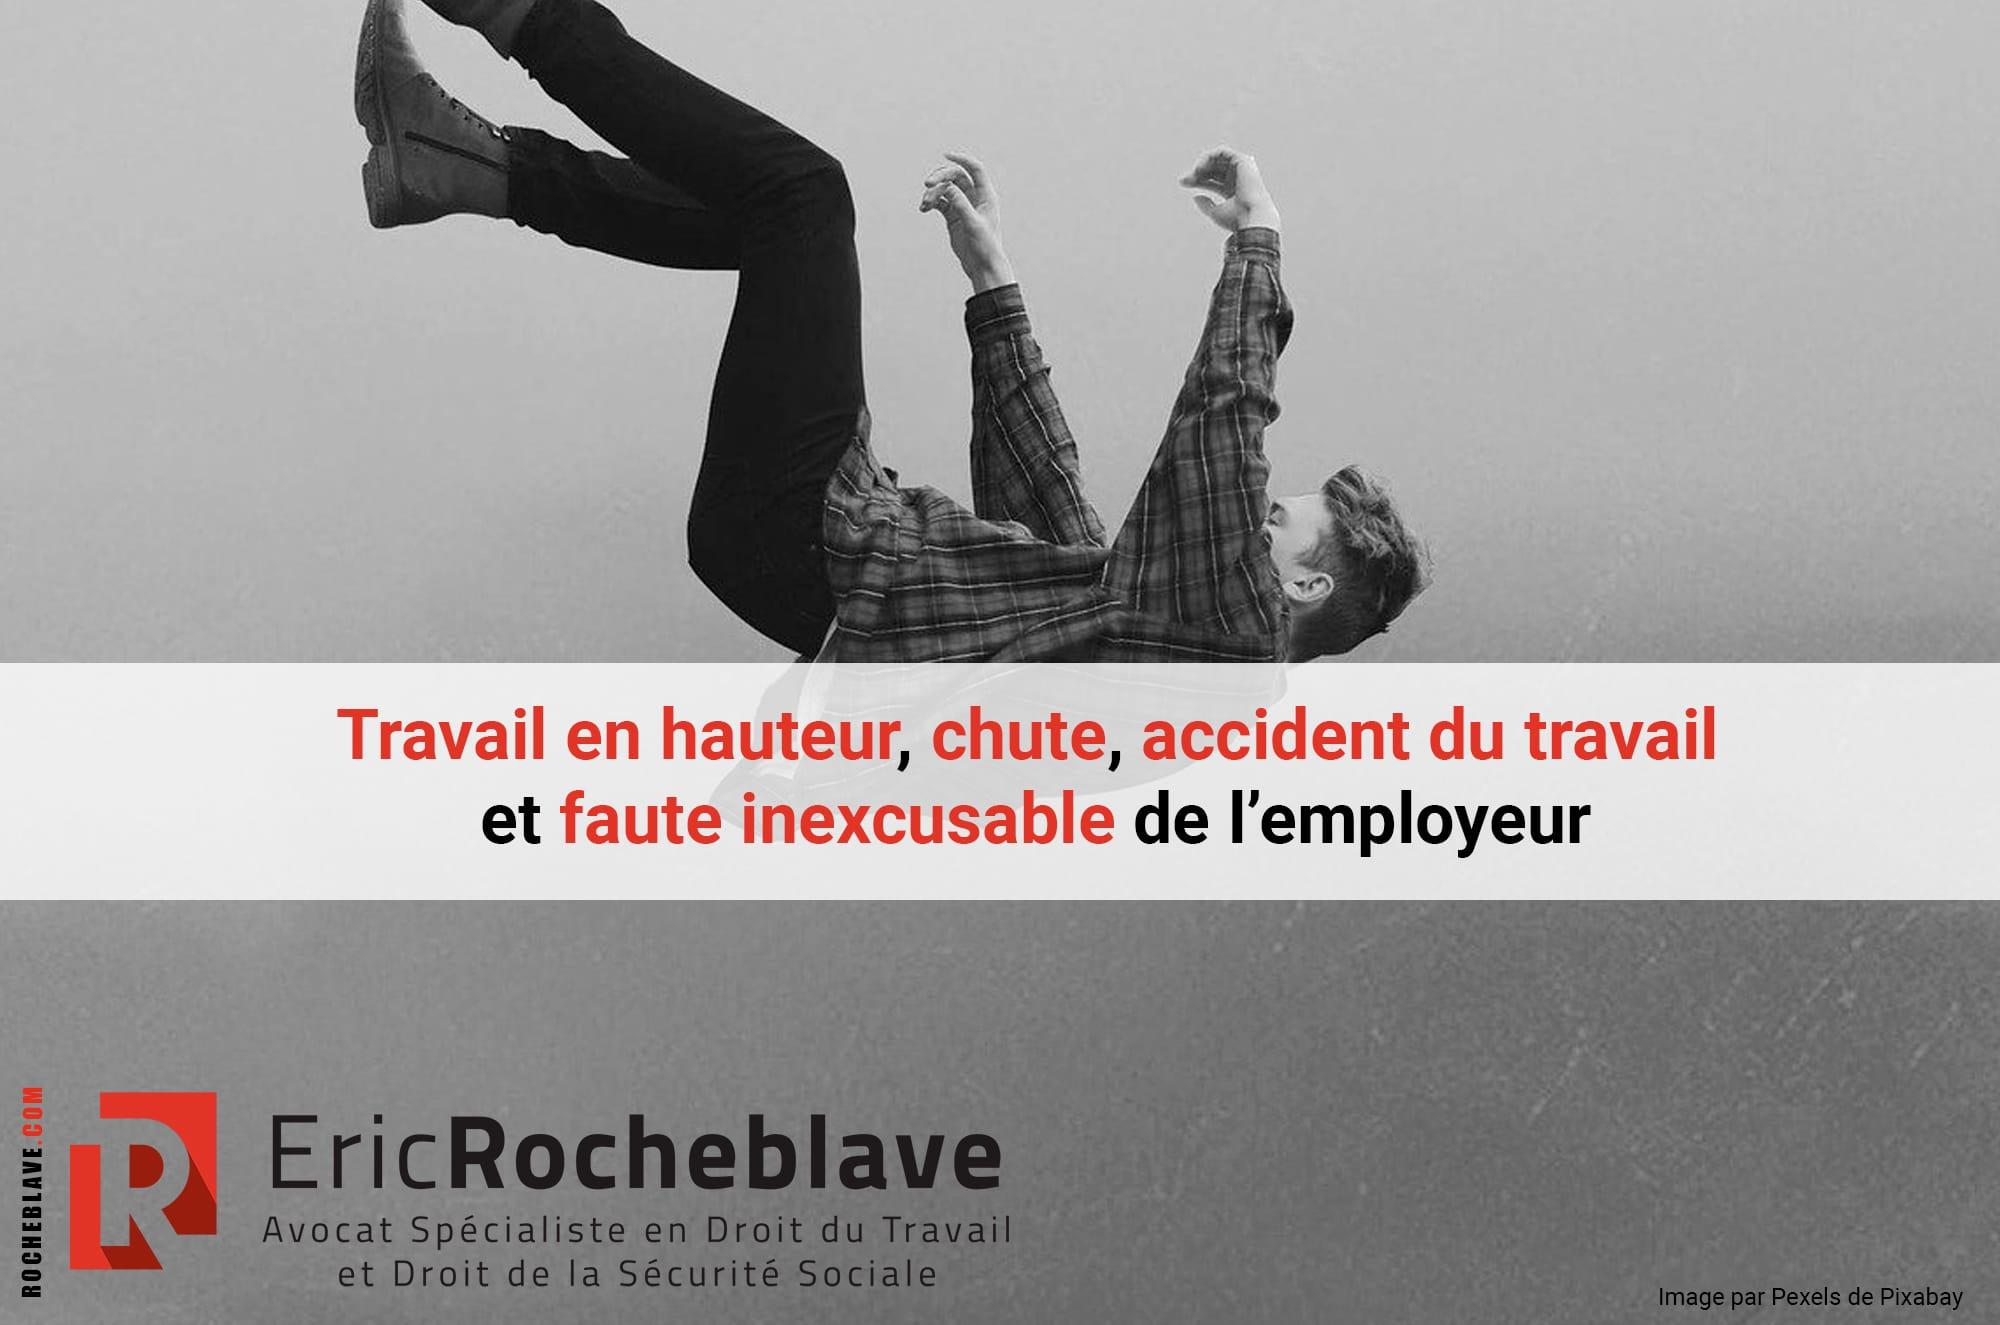 Travail en hauteur, chute, accident du travail et faute inexcusable de l'employeur